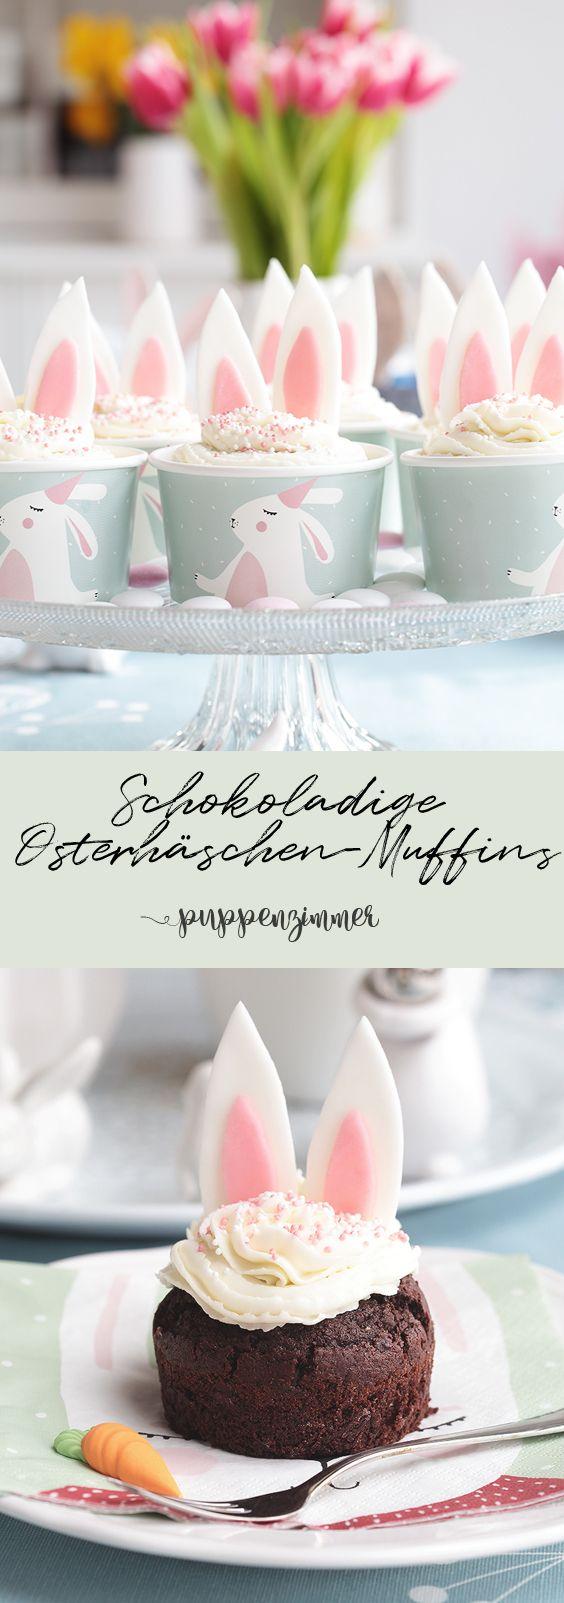 Osteridee: Schokoladige Osterhäschen-Muffins / Schokoladen Cupcakes